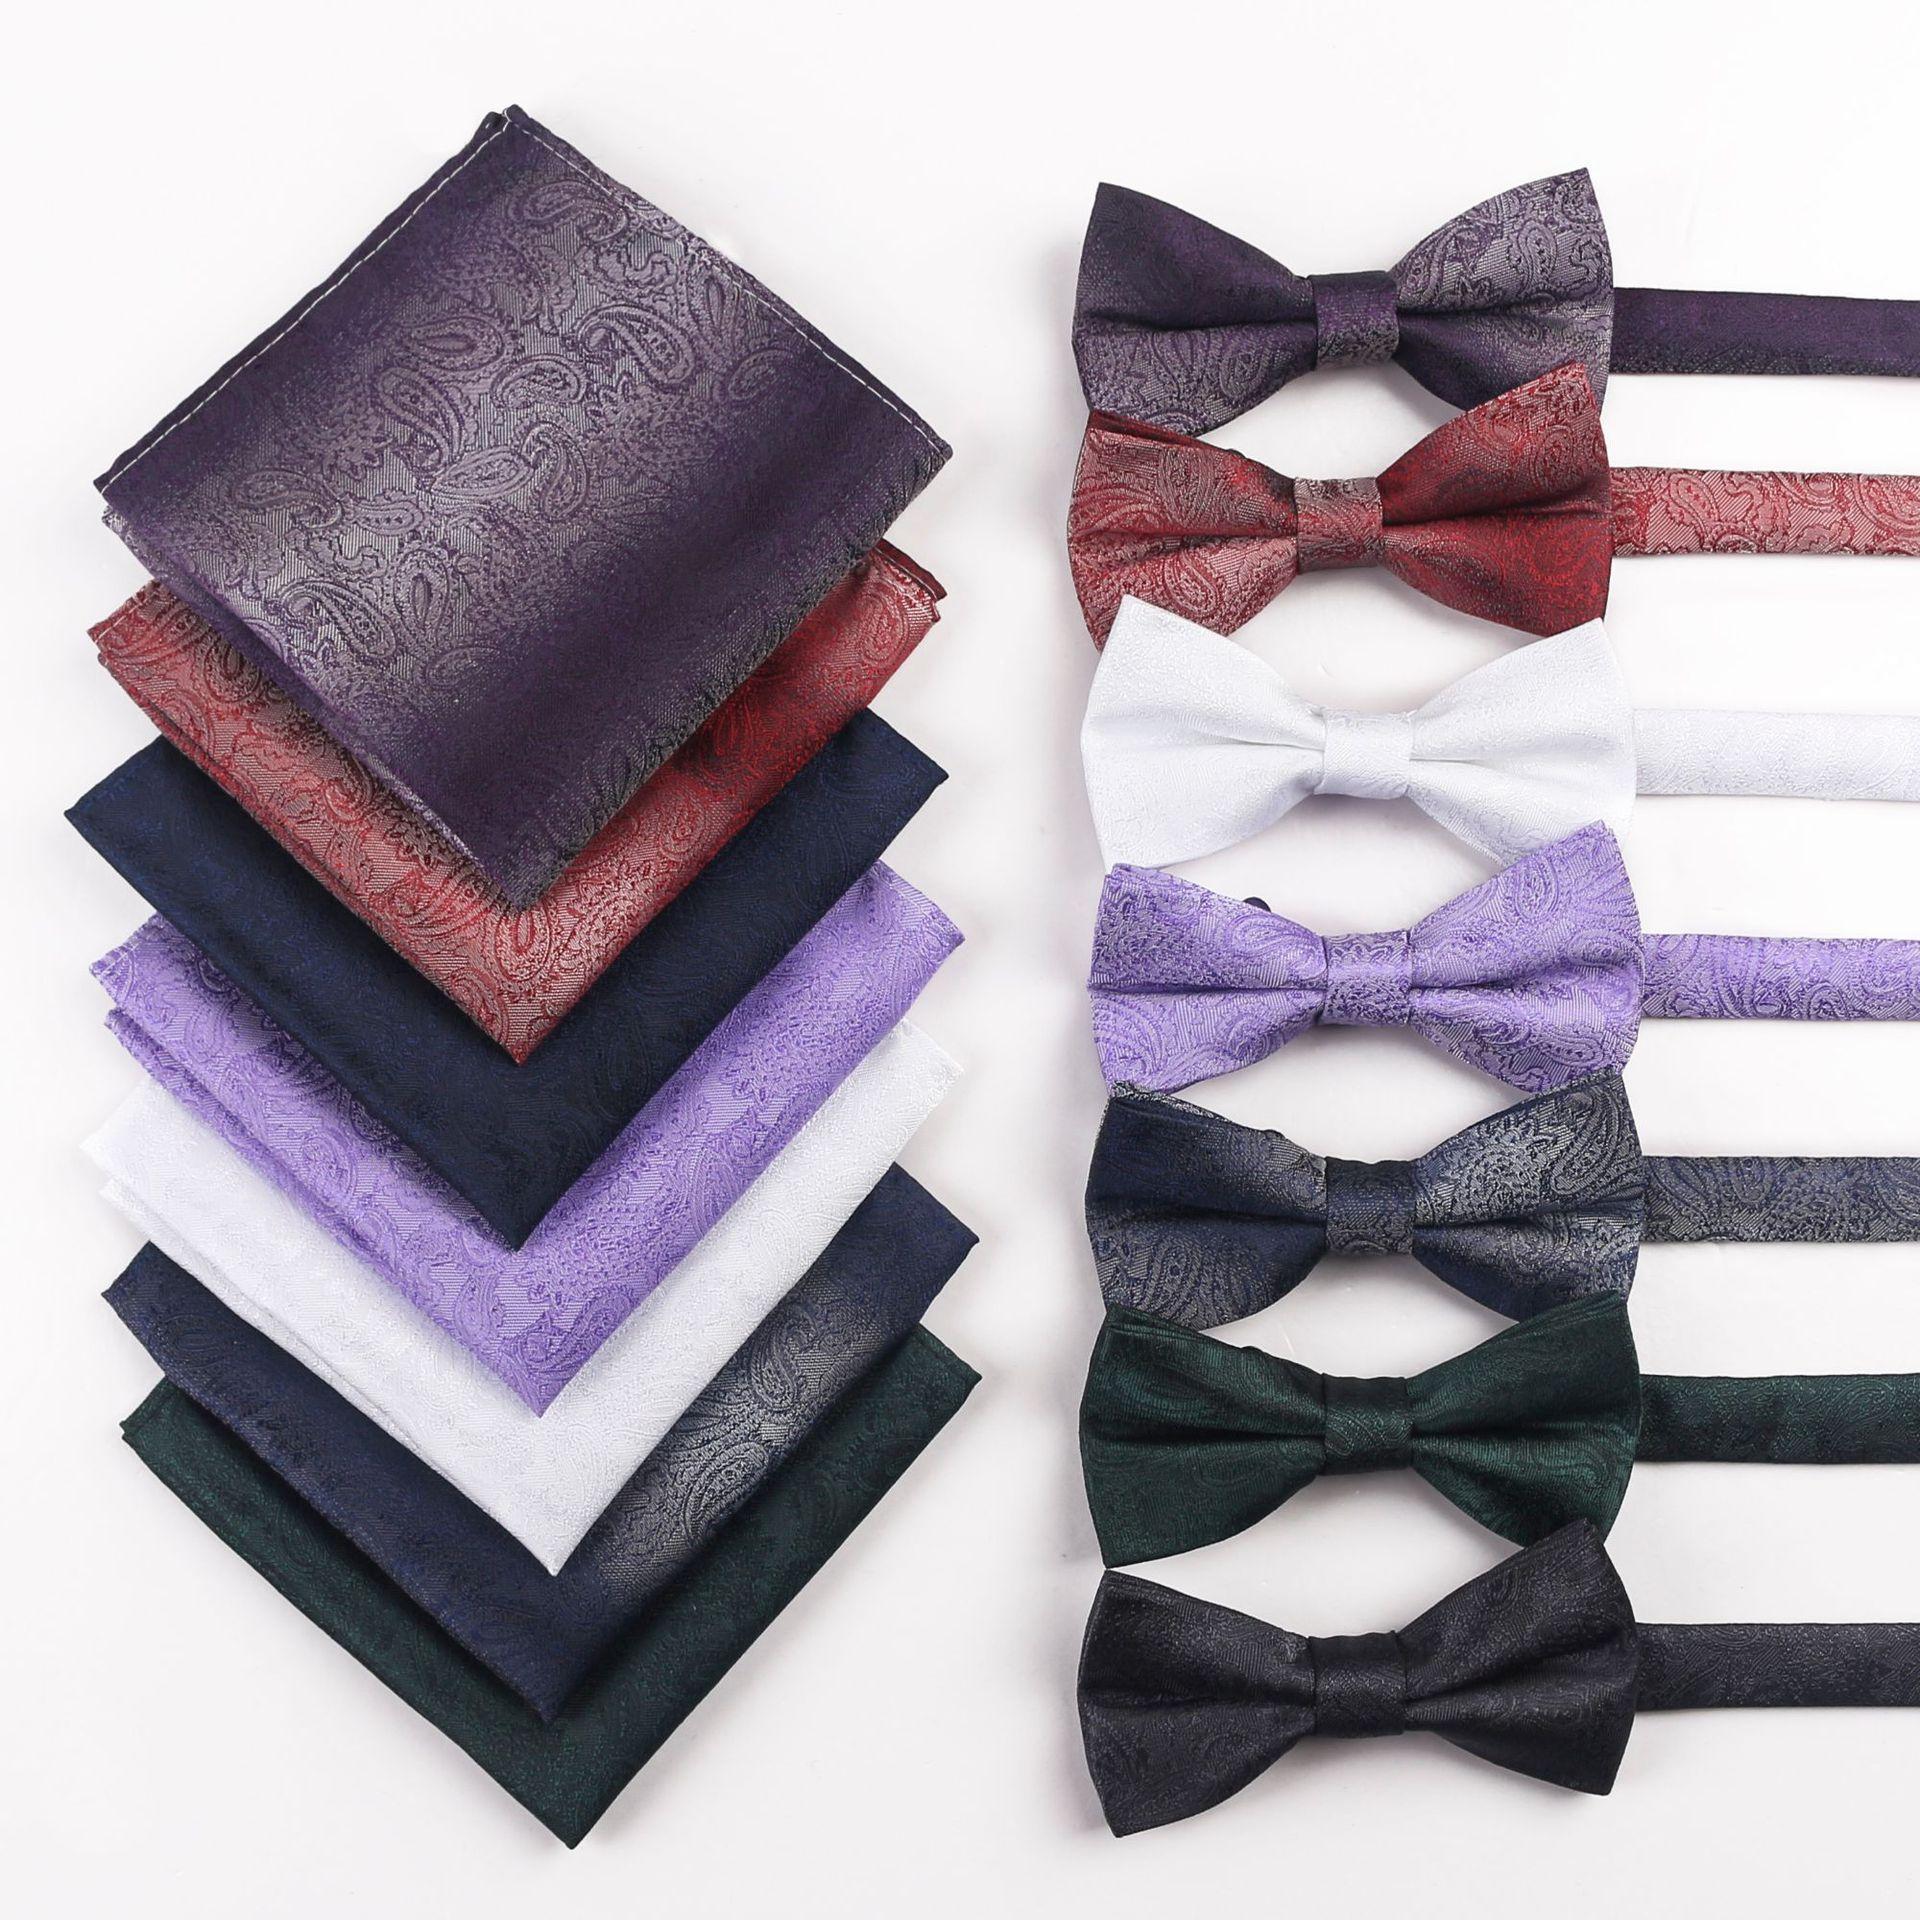 personalidad boda del hombre 2020 del diseñador de moda de los hombres de lujo collar salvaje simplicidad Joker Jacquard lazos para hombre mate seda hechos en China PB524T04